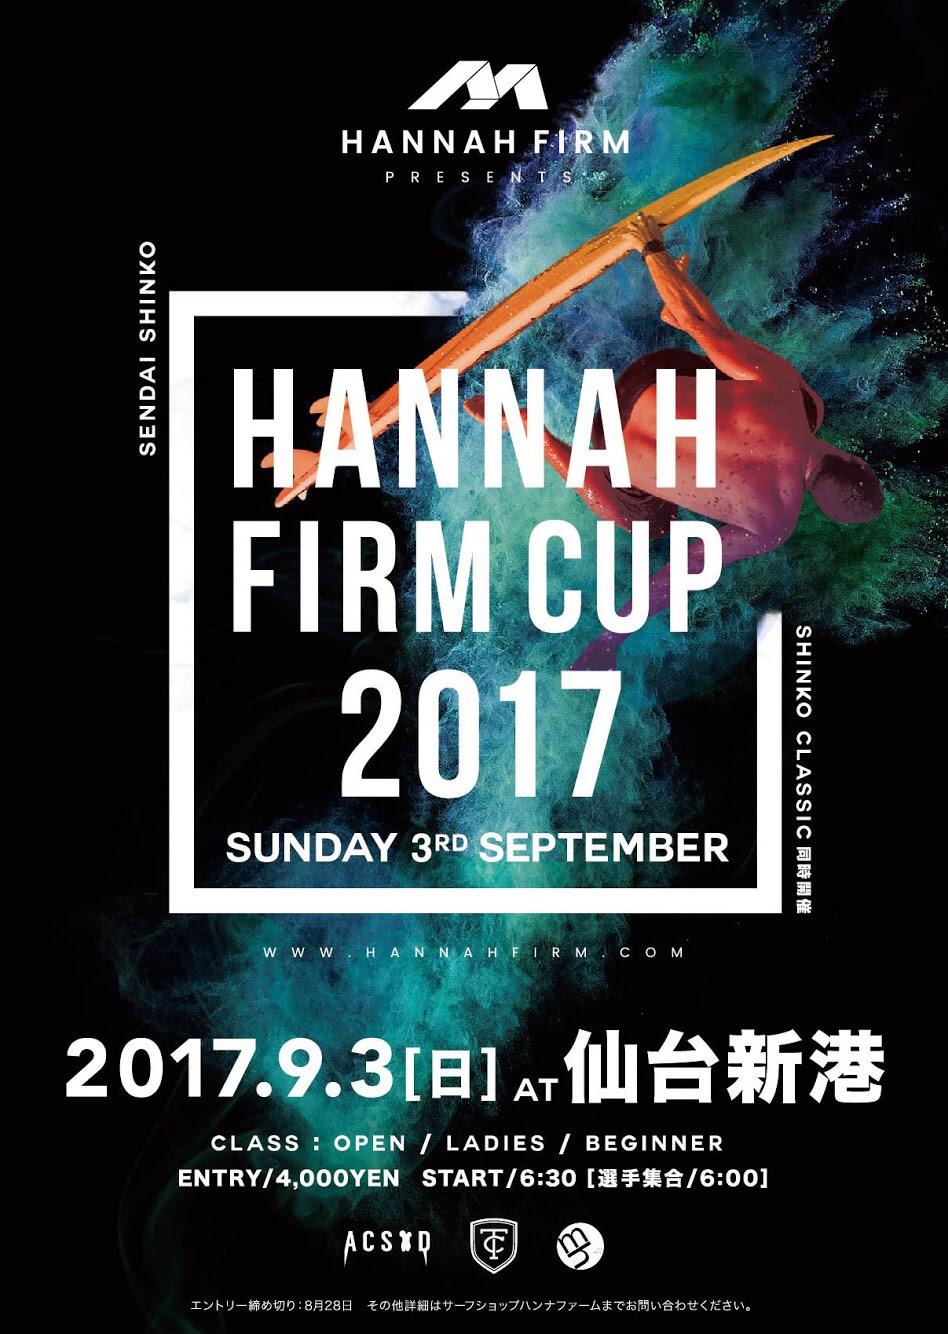 ハンナファームカップ2017